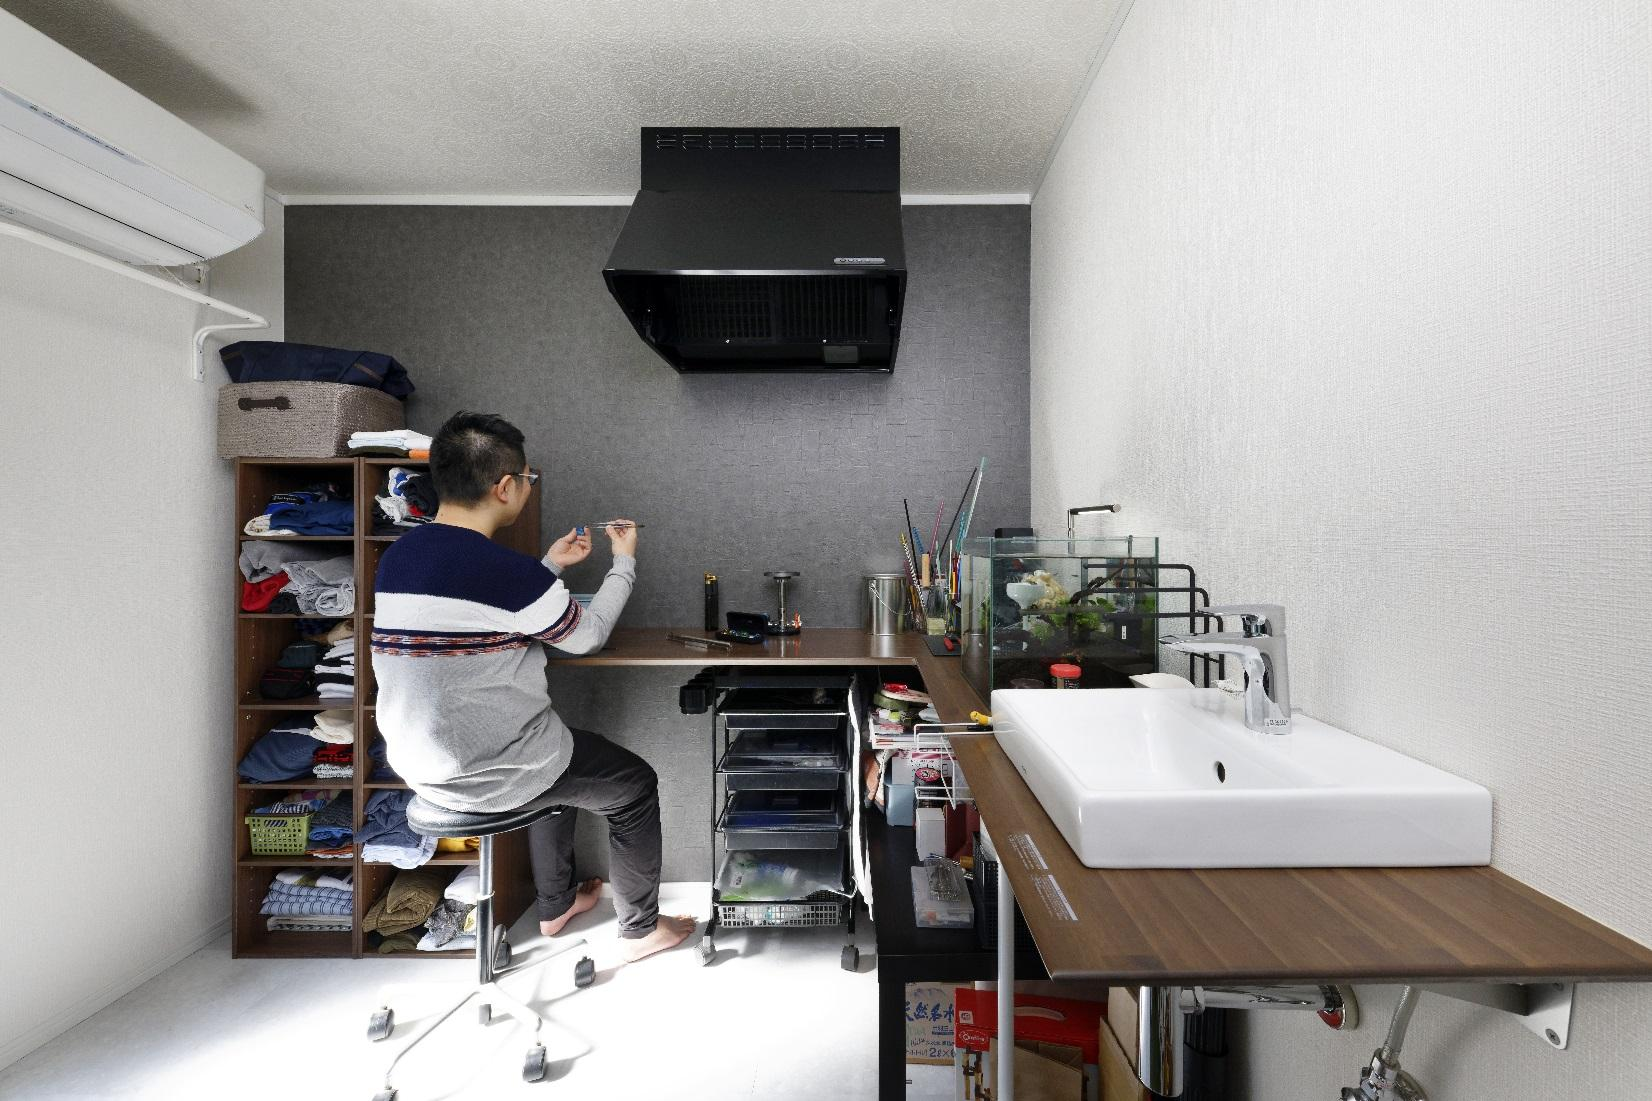 家の中で⼀番⼼地いい場所に作業部屋を配置。モノトーンで整え、デザイン的にも落ち着く空間。ガラス細⼯には⽕を使うので、換気扇や洗⾯台も設置し作業環境を整えました。また、床は材料をY様自身で購⼊し、カッターとボンドを使い施⼯されました。セルフリノベーションも楽しい経験だったそうです。